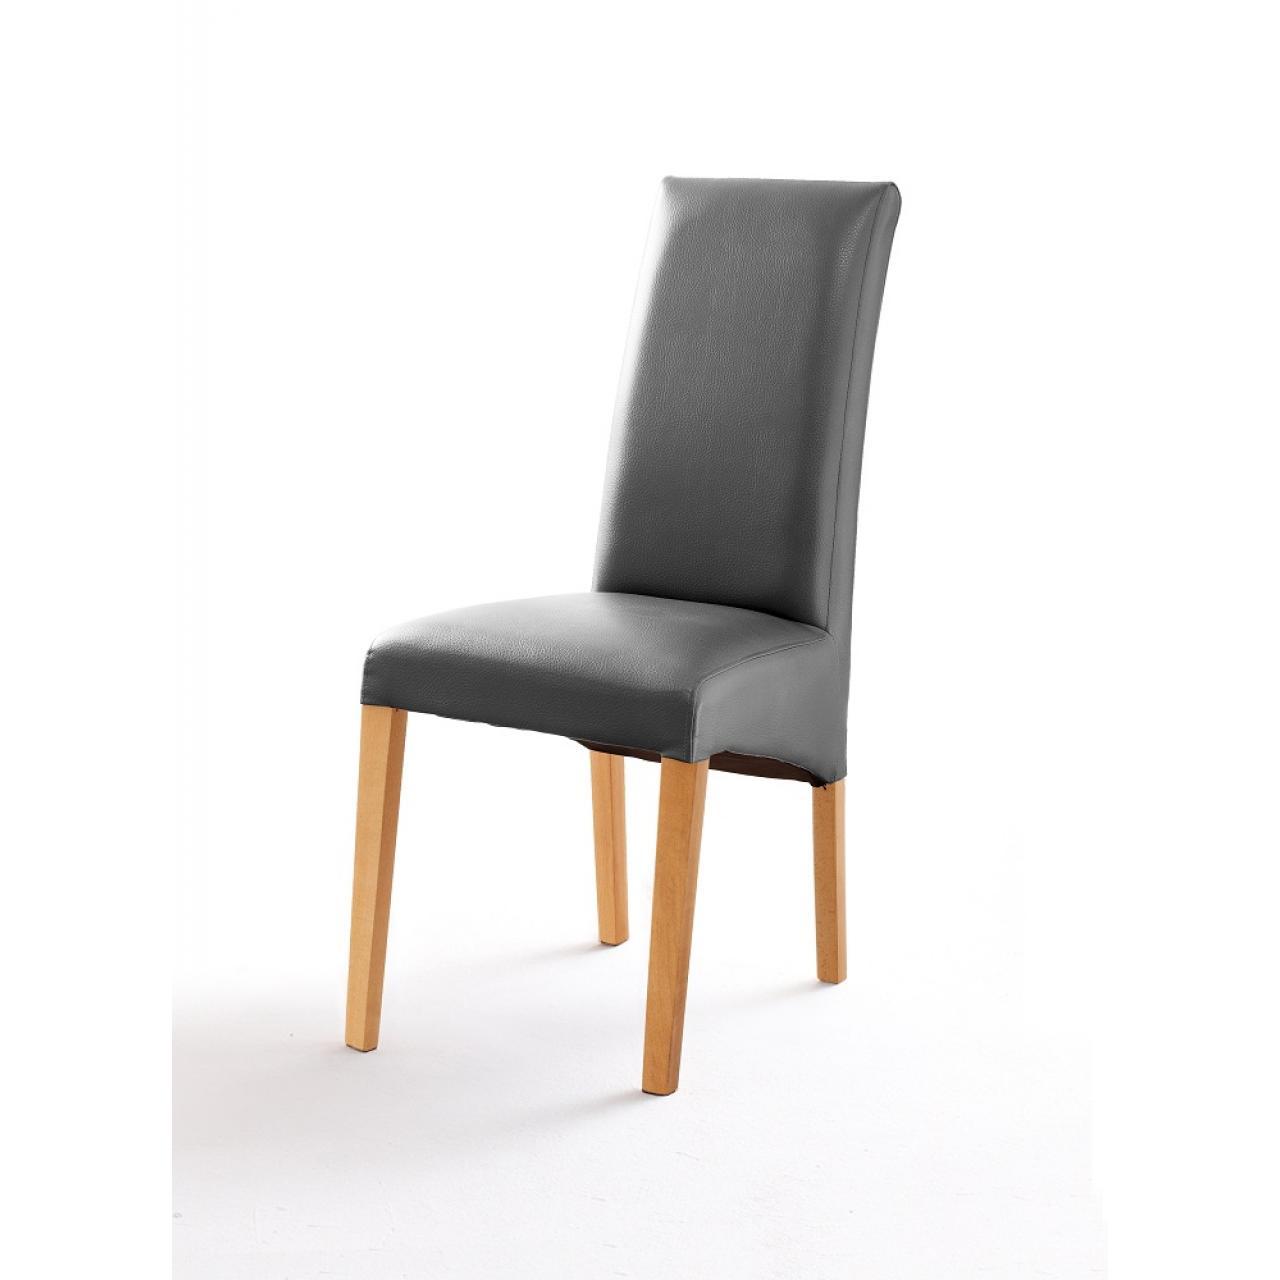 Stuhl Foxi Grau Natur Buche Massiv Stoff Esszimmerstuhl Küche Stuhl